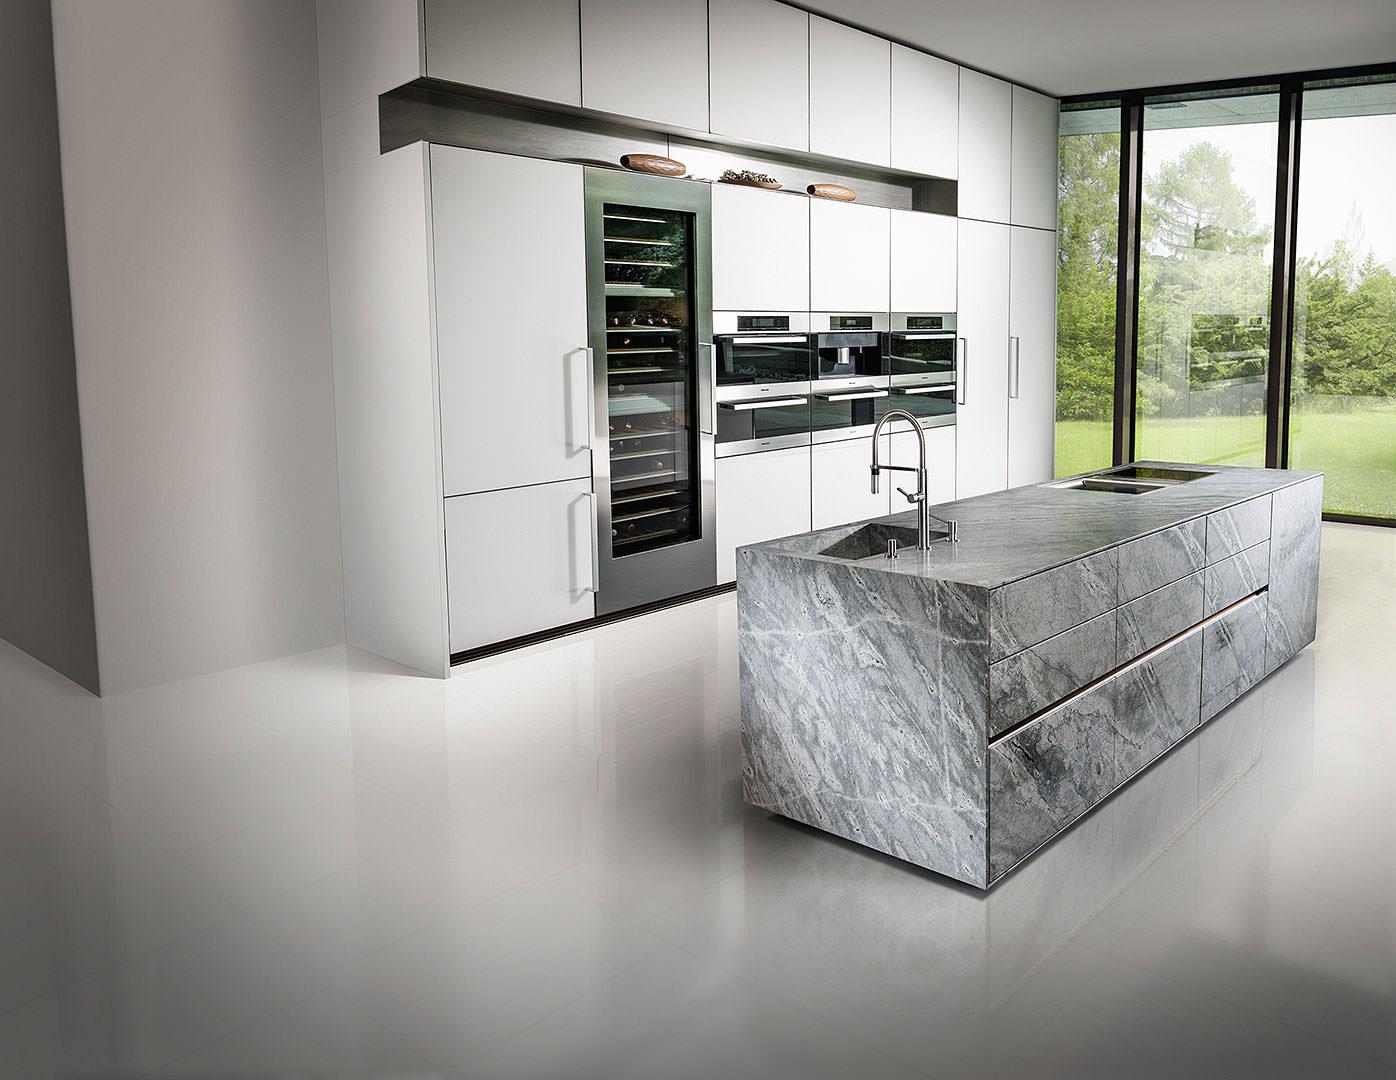 Ungewöhnlich Küche Layout Tool Fotos - Ideen Für Die Küche ...